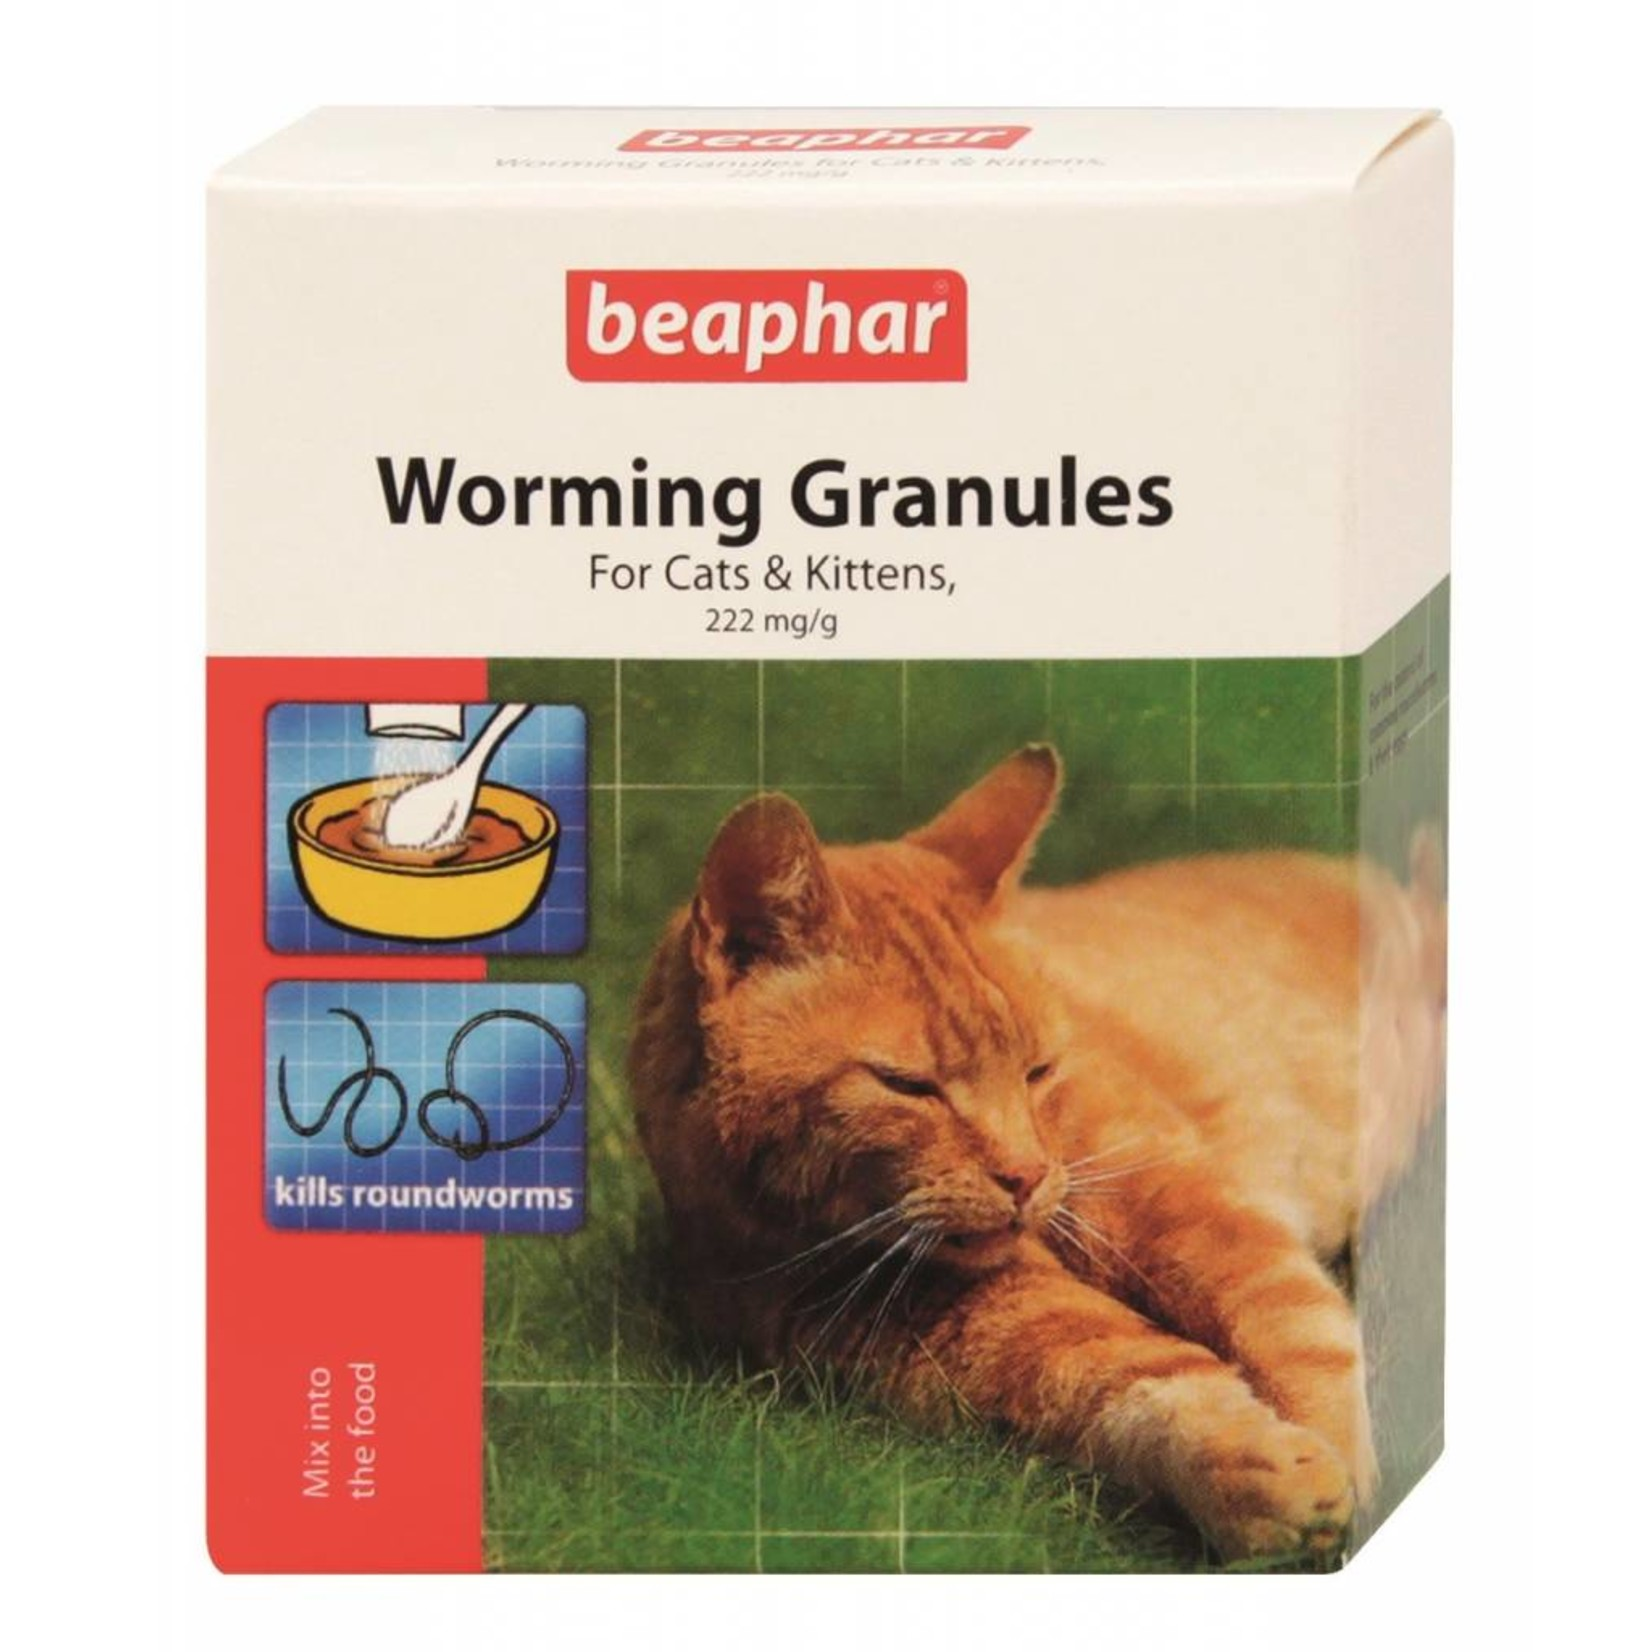 Beaphar Worming Granules For Cats & Kittens, 4 x 1g